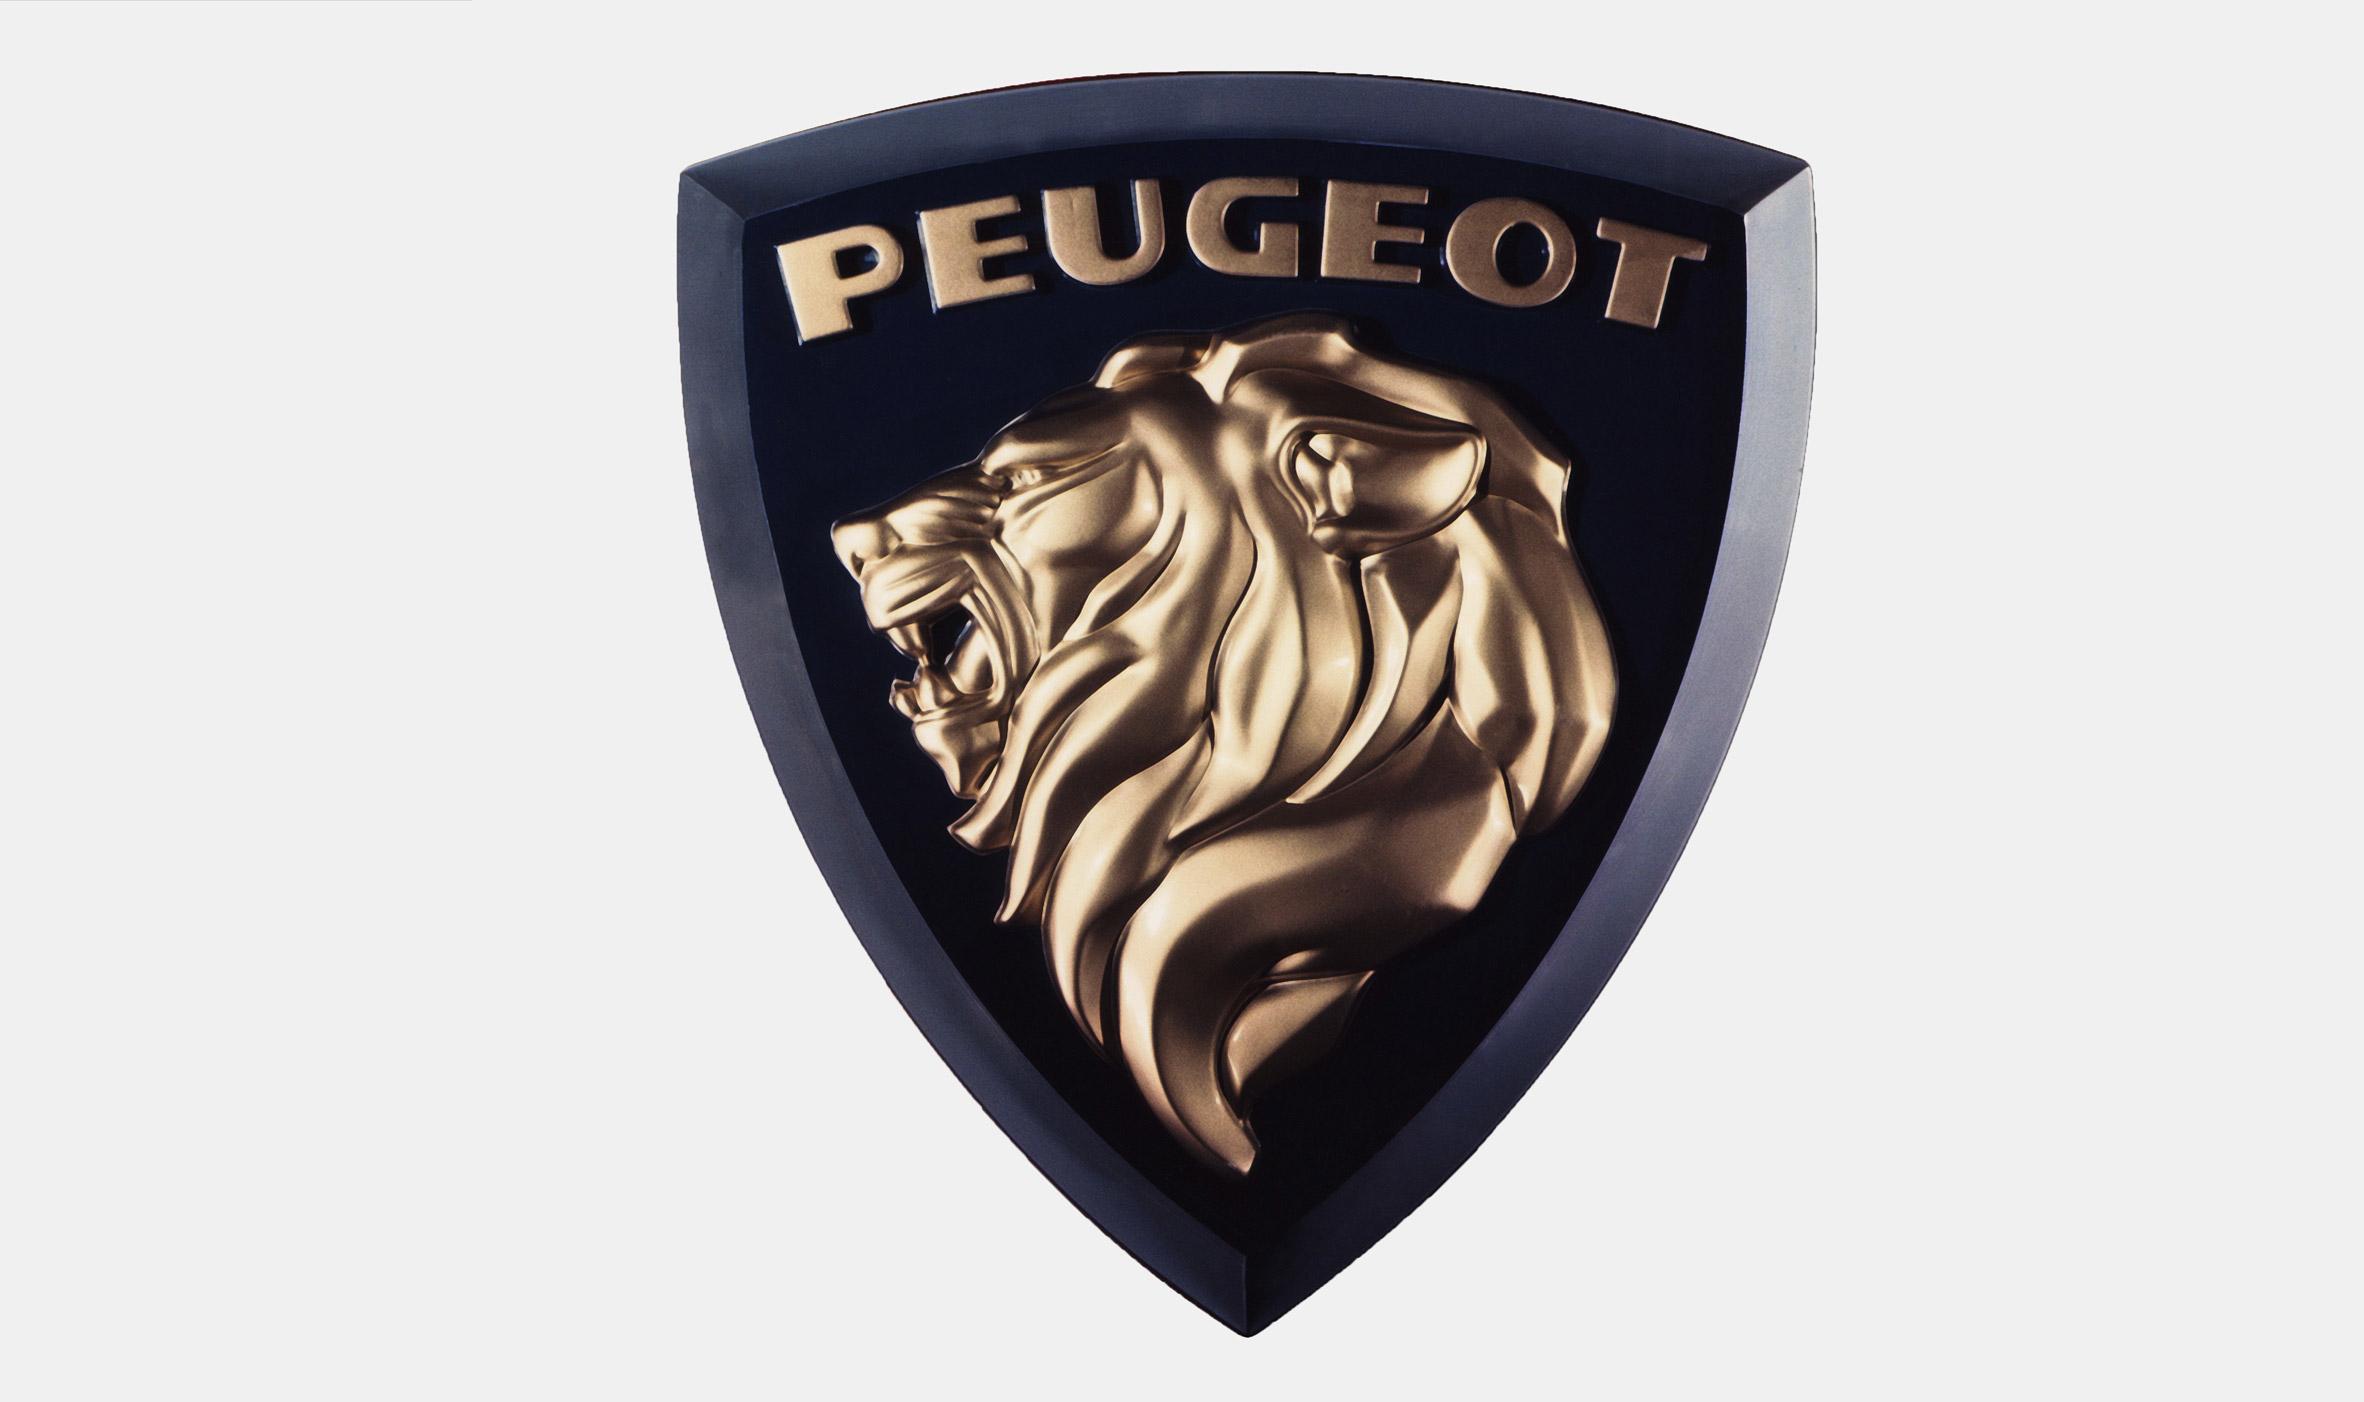 Peugeot's 1960s' logo